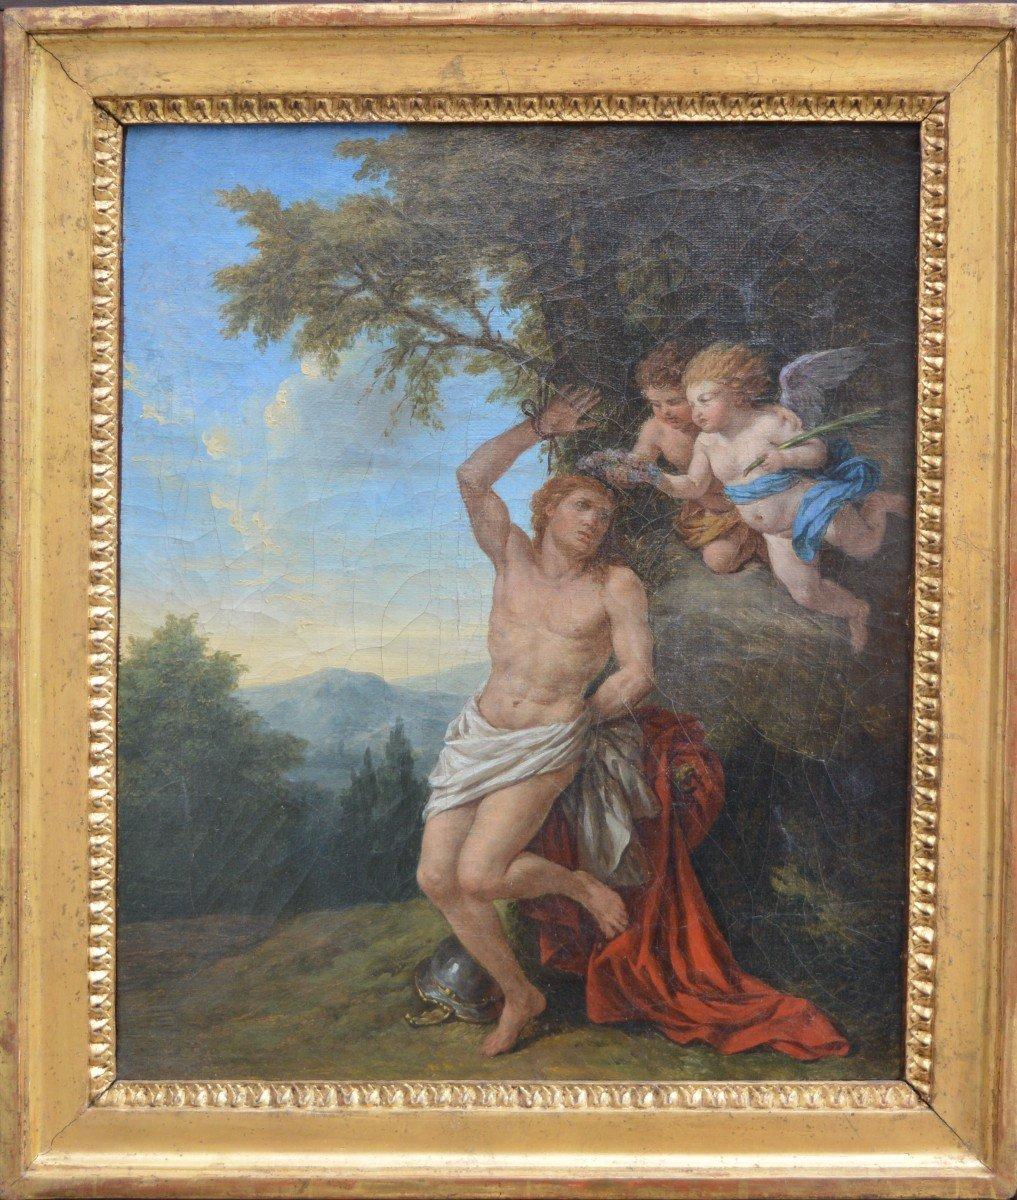 Louis-jean François Lagrenée, Two Angels Bringing A Crown To Saint-sébastien.